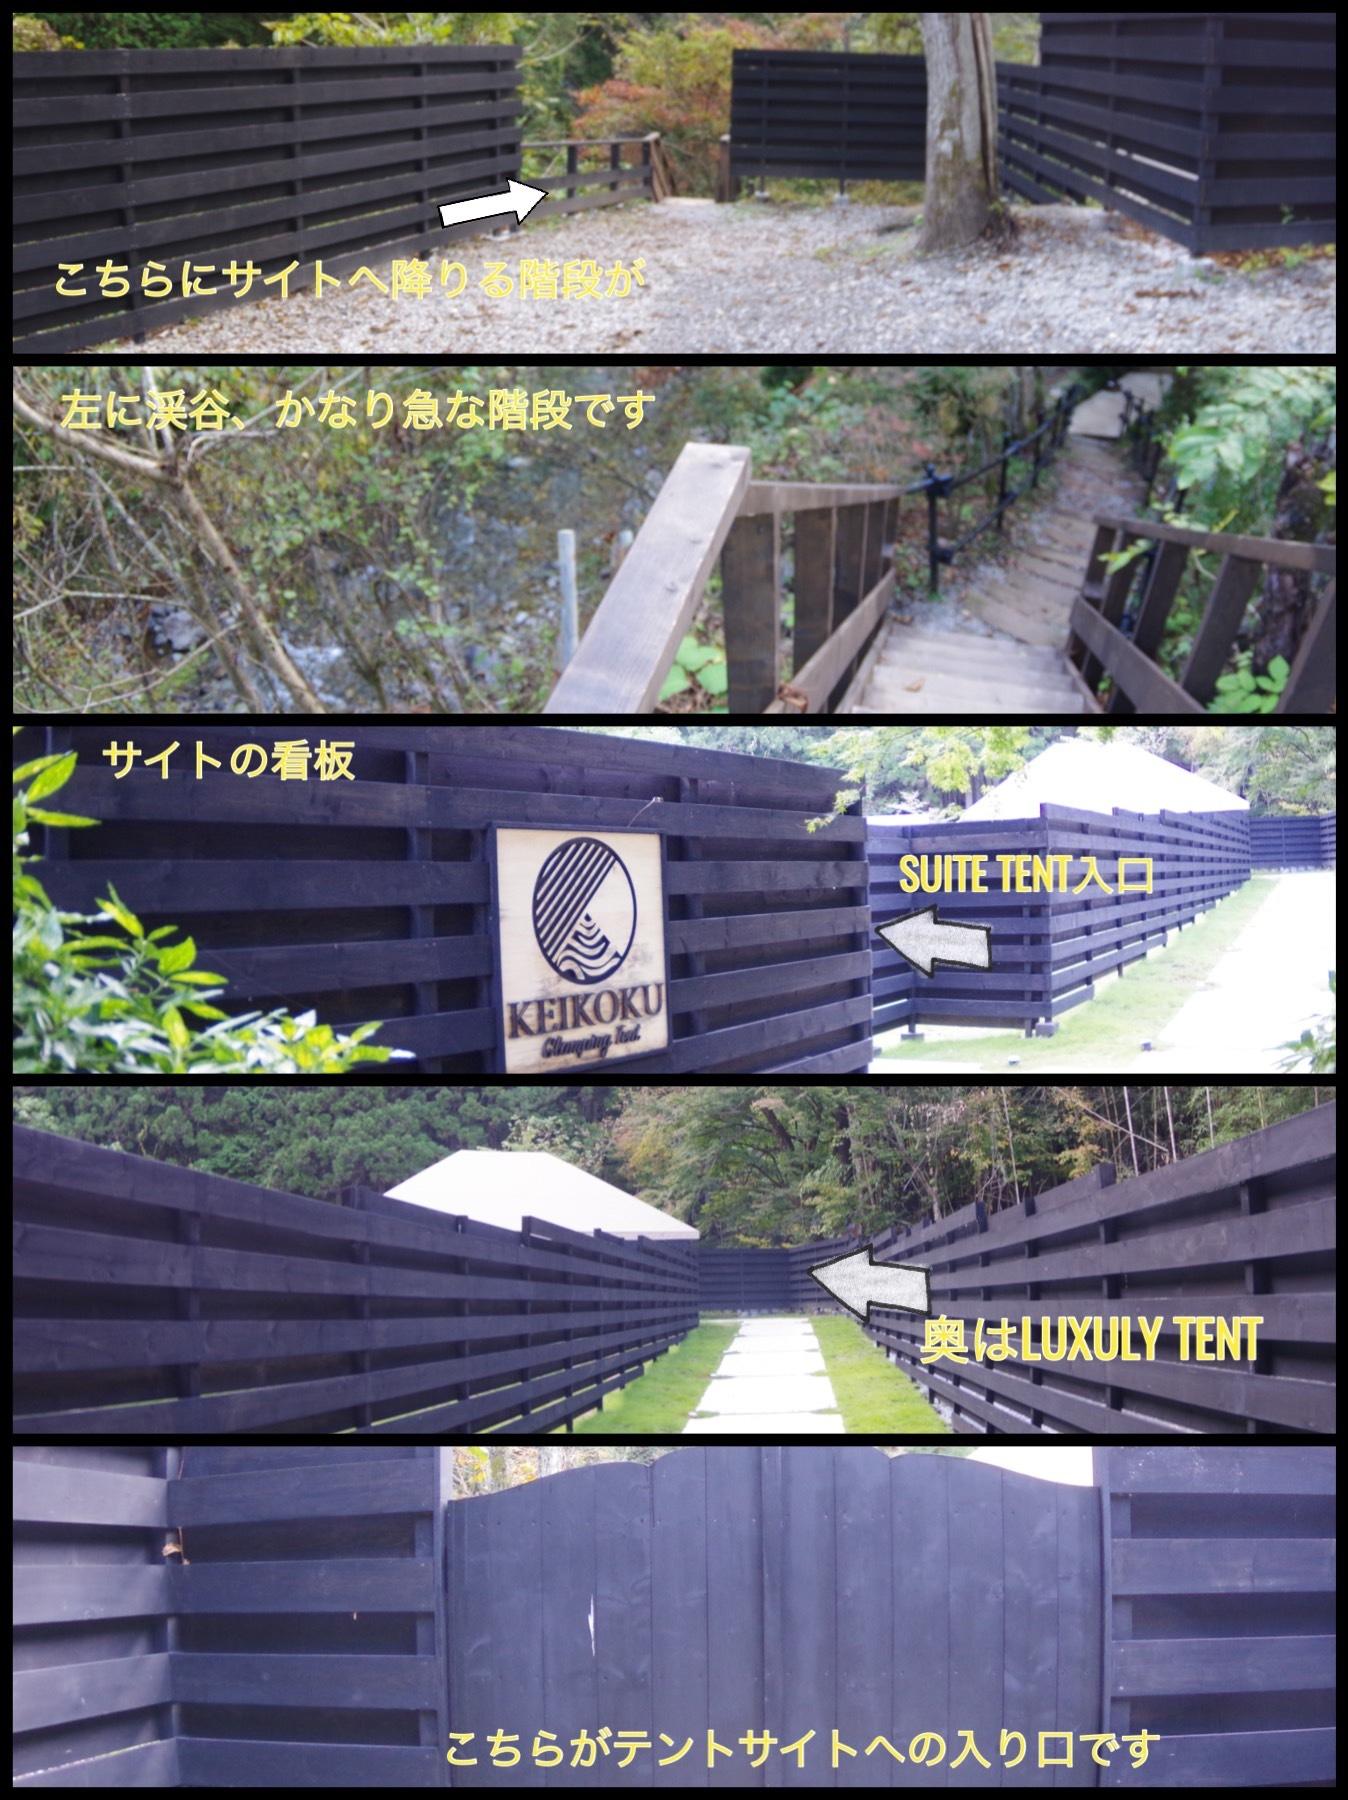 秋川渓谷 KEIKOKU GLANPING TENT SUITE スイートサイト